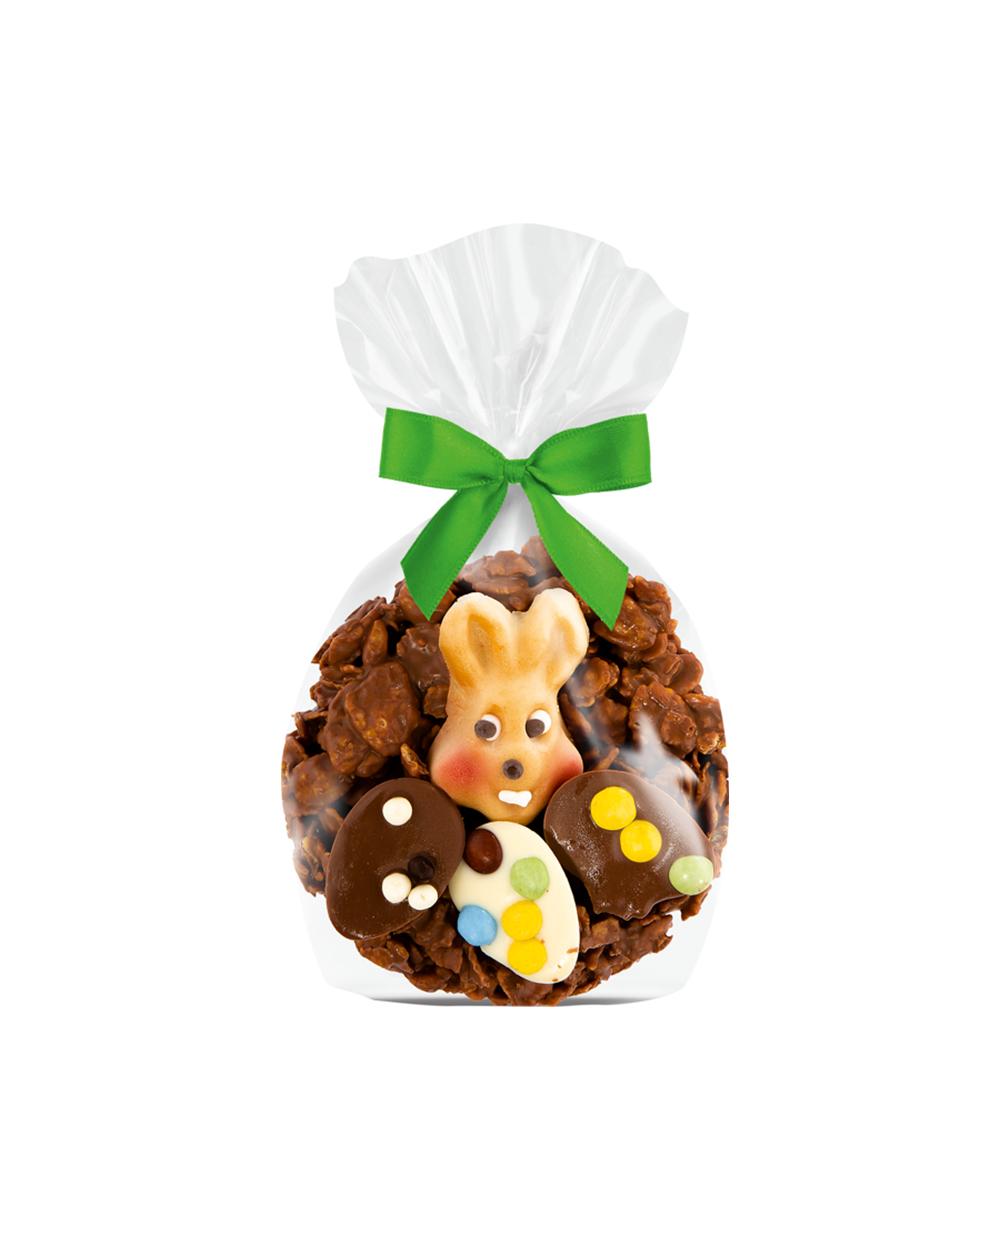 Schokoladen-Osternest mit Hase von EILLES, Vollmilchschokolade